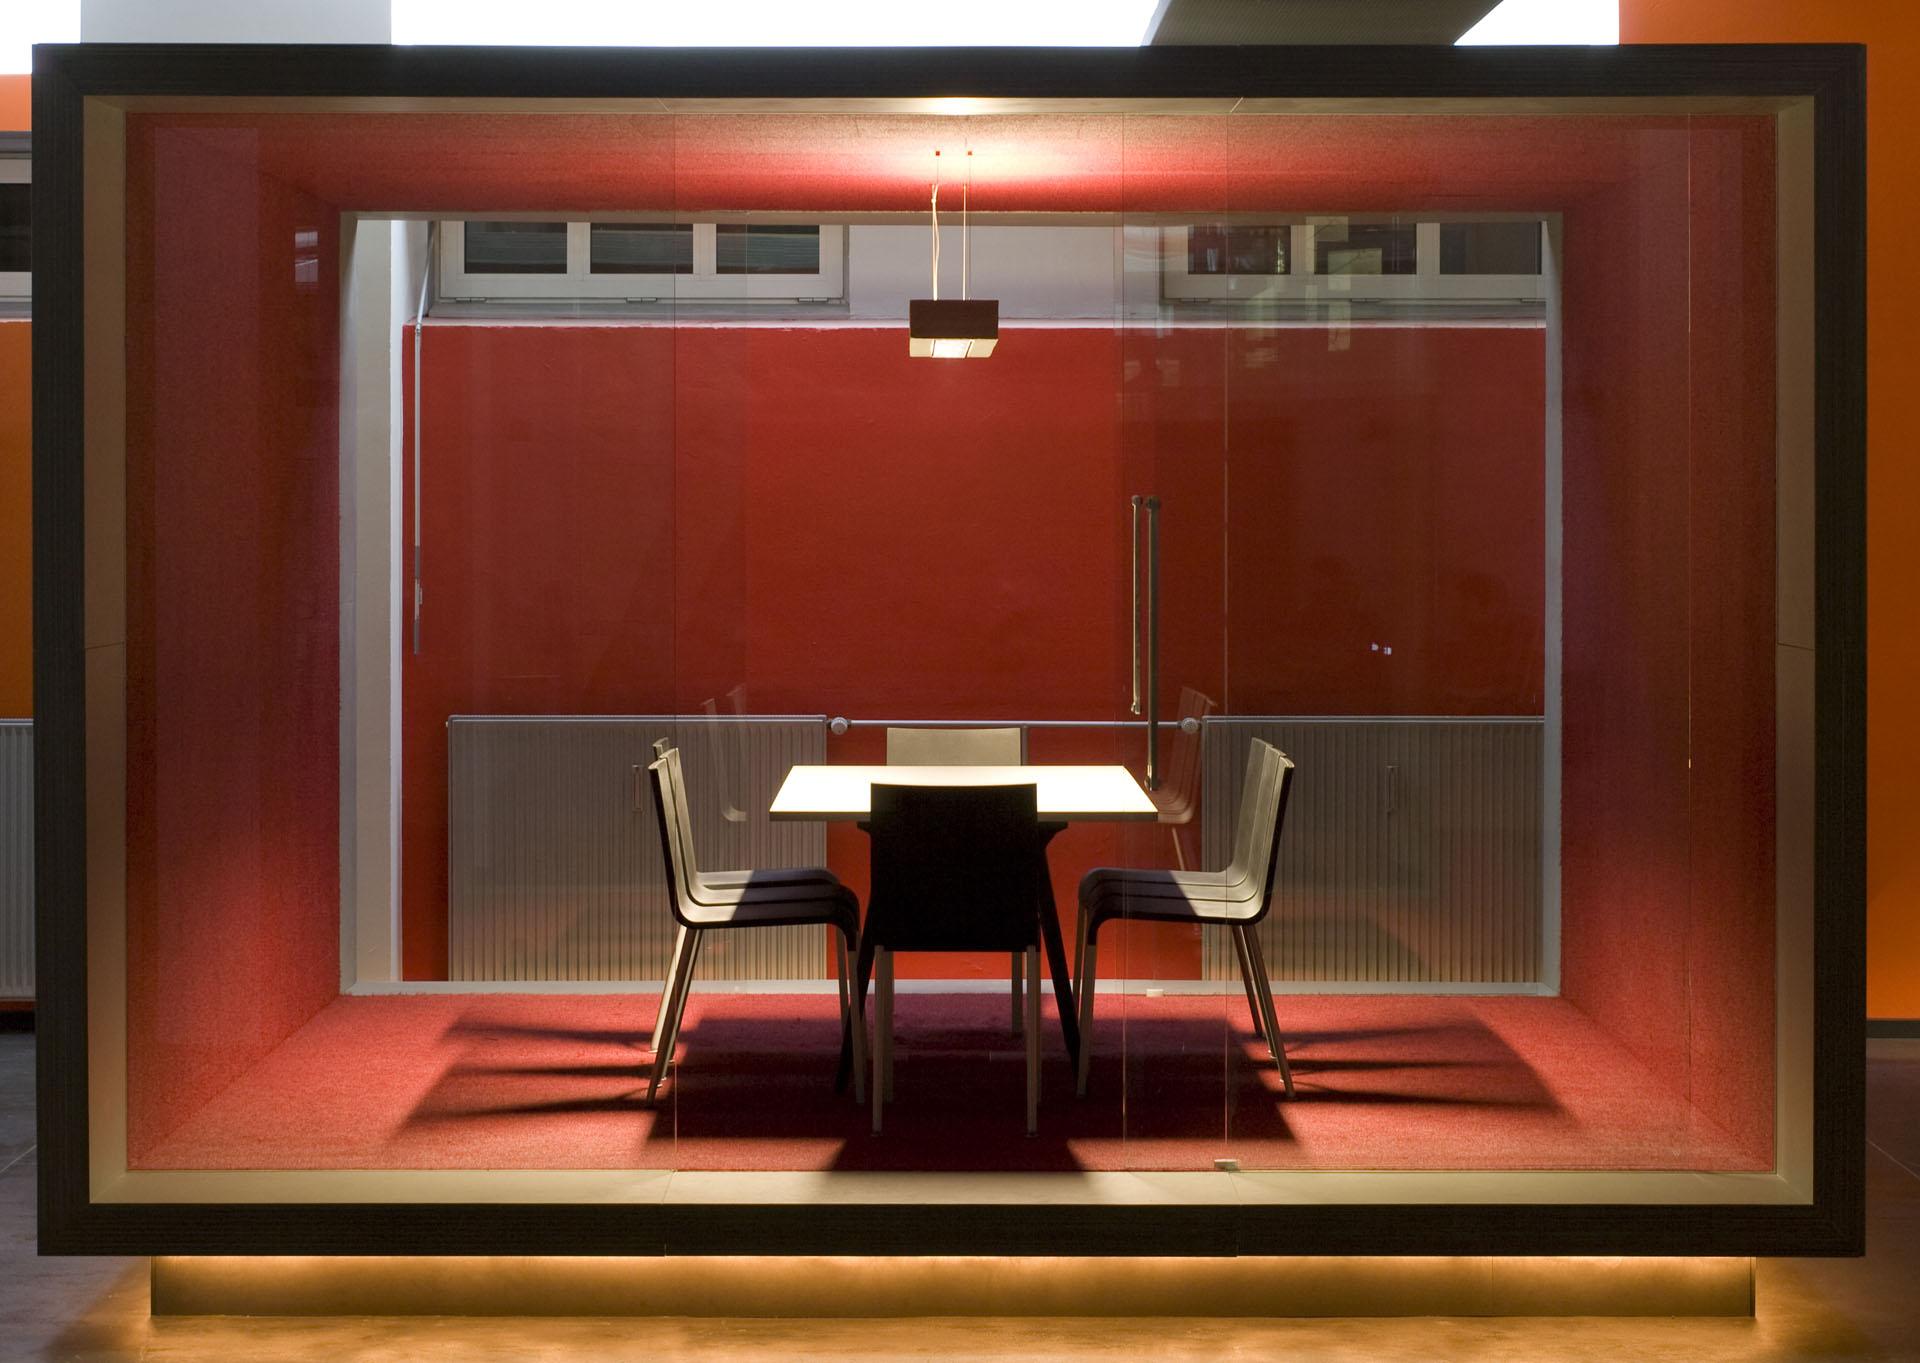 Innenarchitektur – Denkwerk in Köln   Duda Architekten